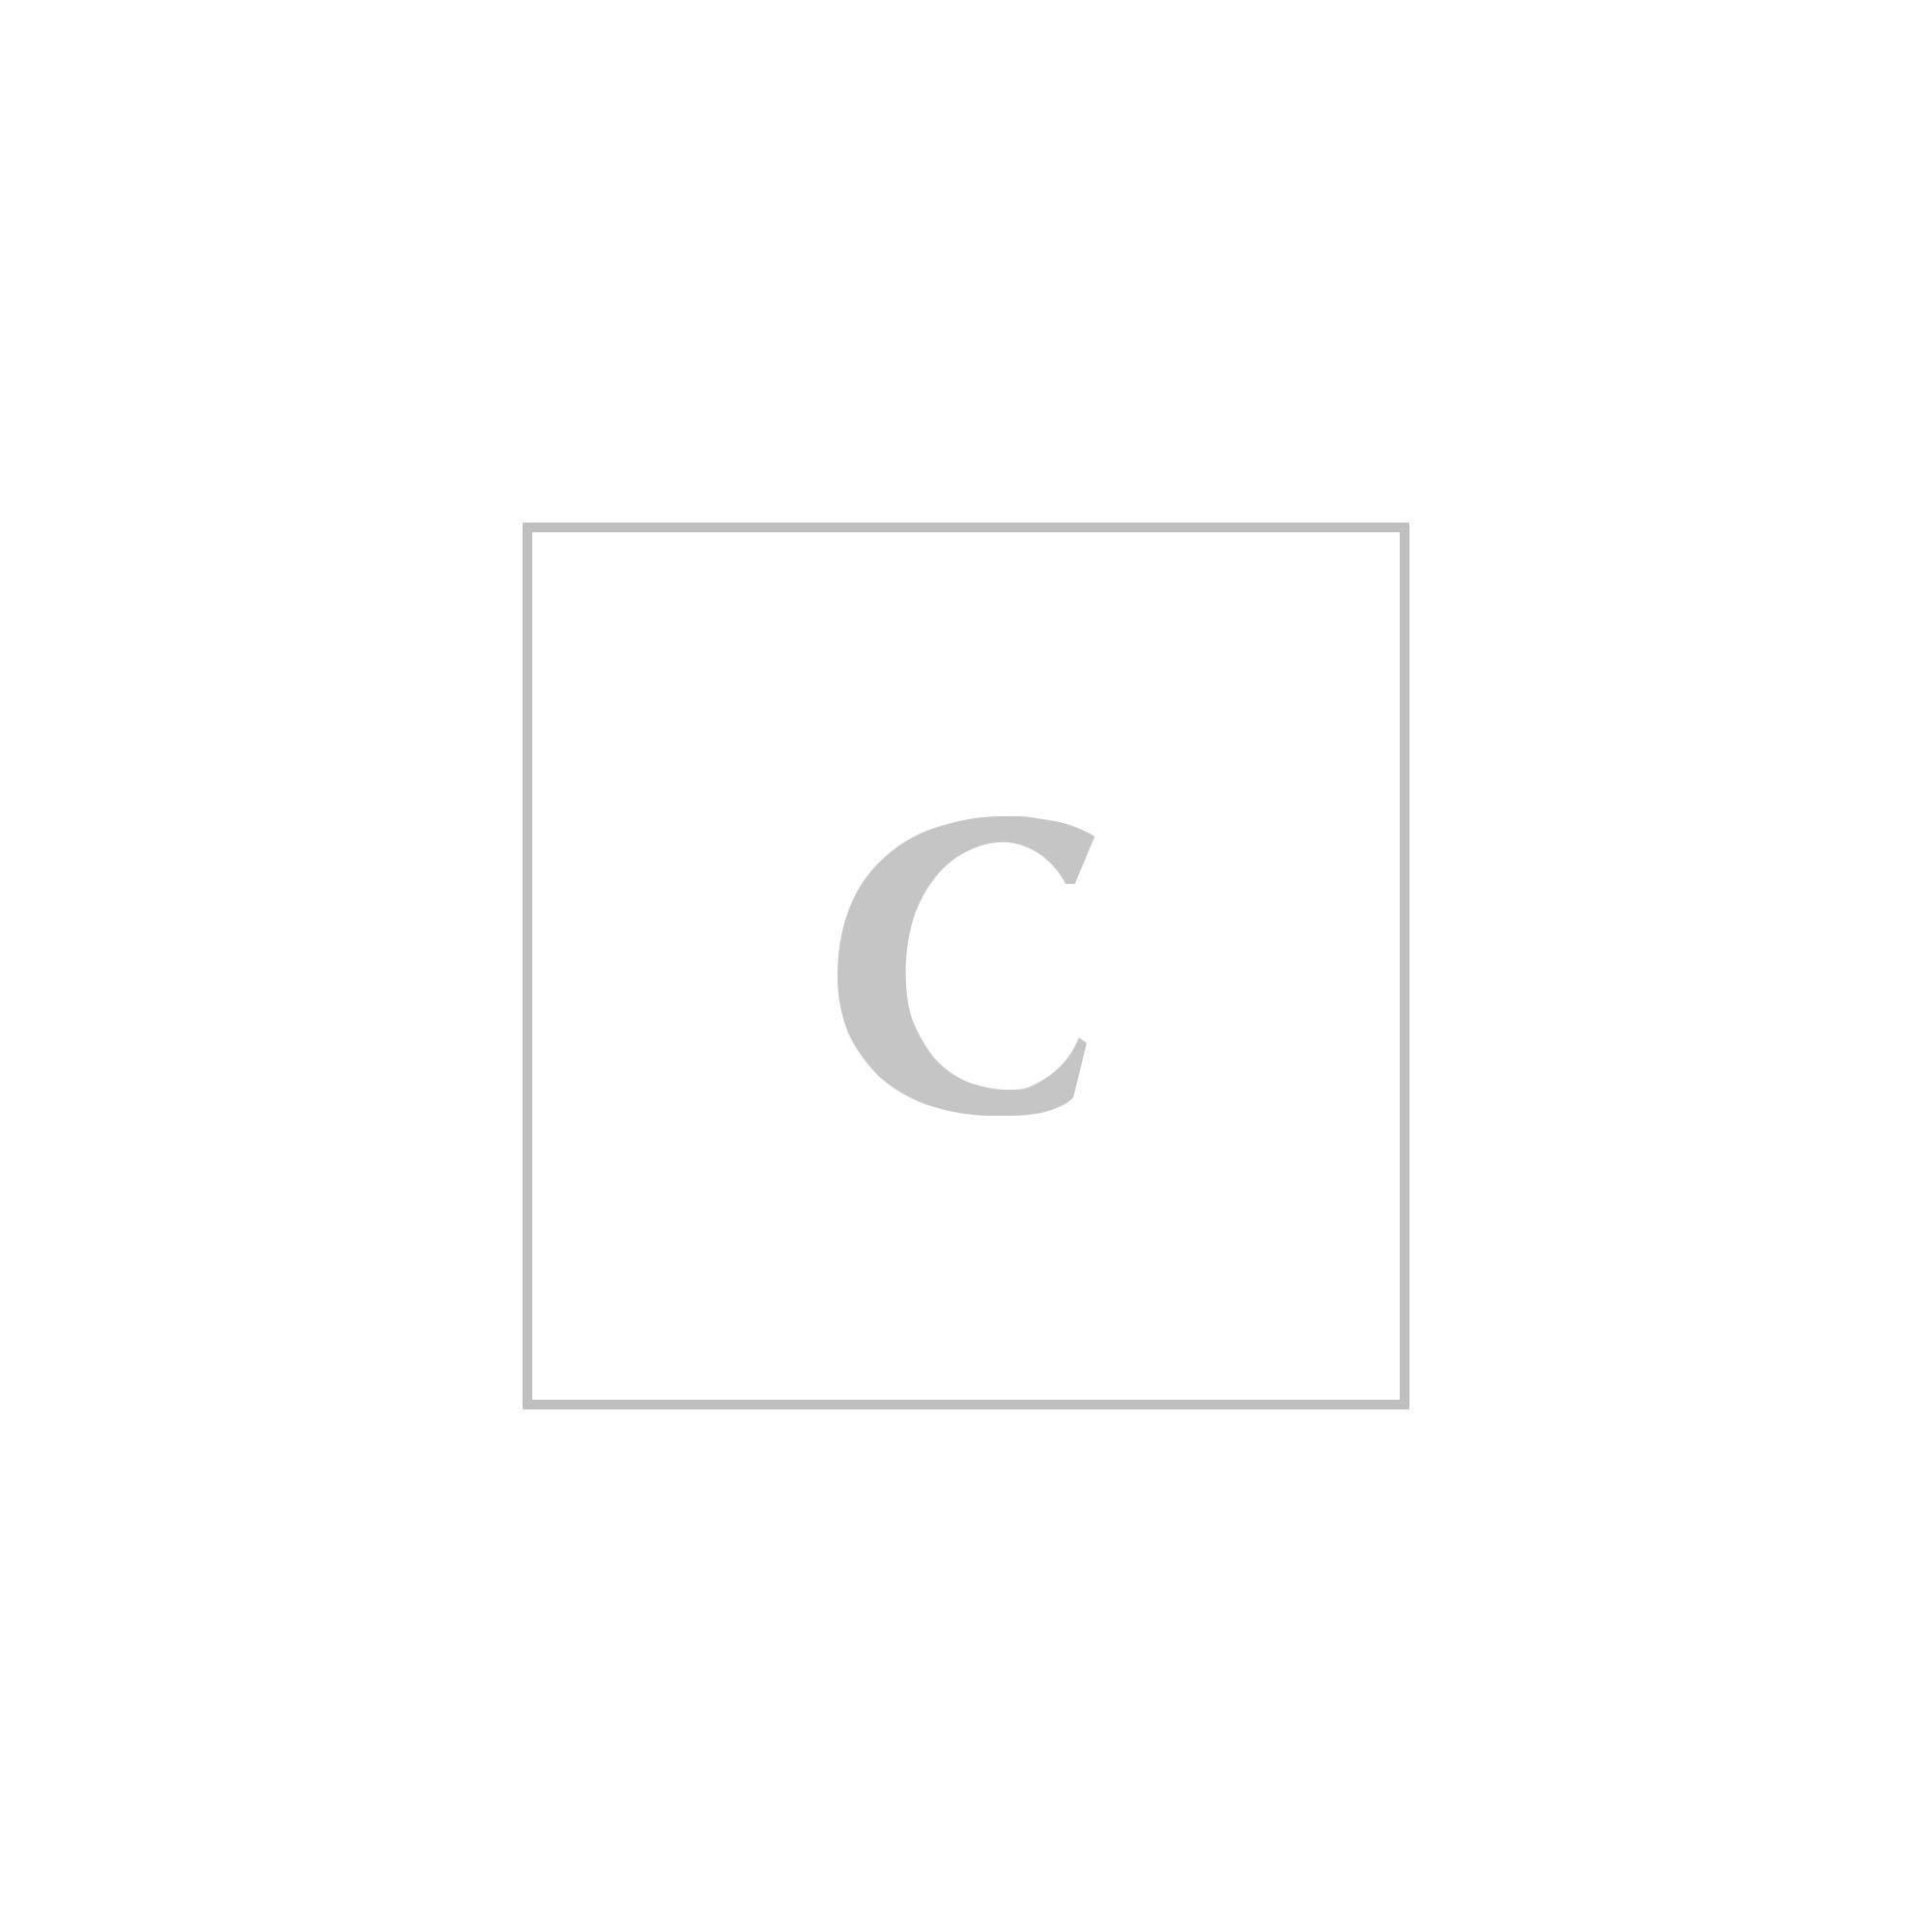 Collier-veste Tagliatore mnPcDCy76